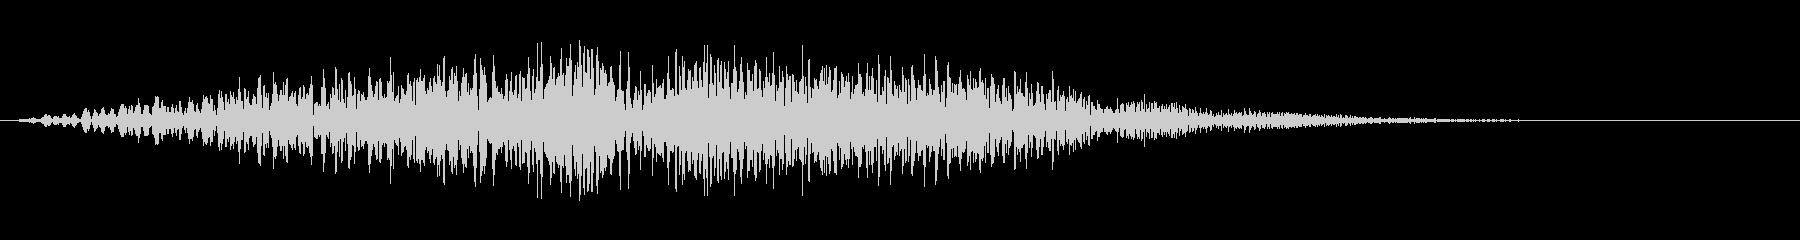 ヒュイッ_コミカルな投げる音の未再生の波形